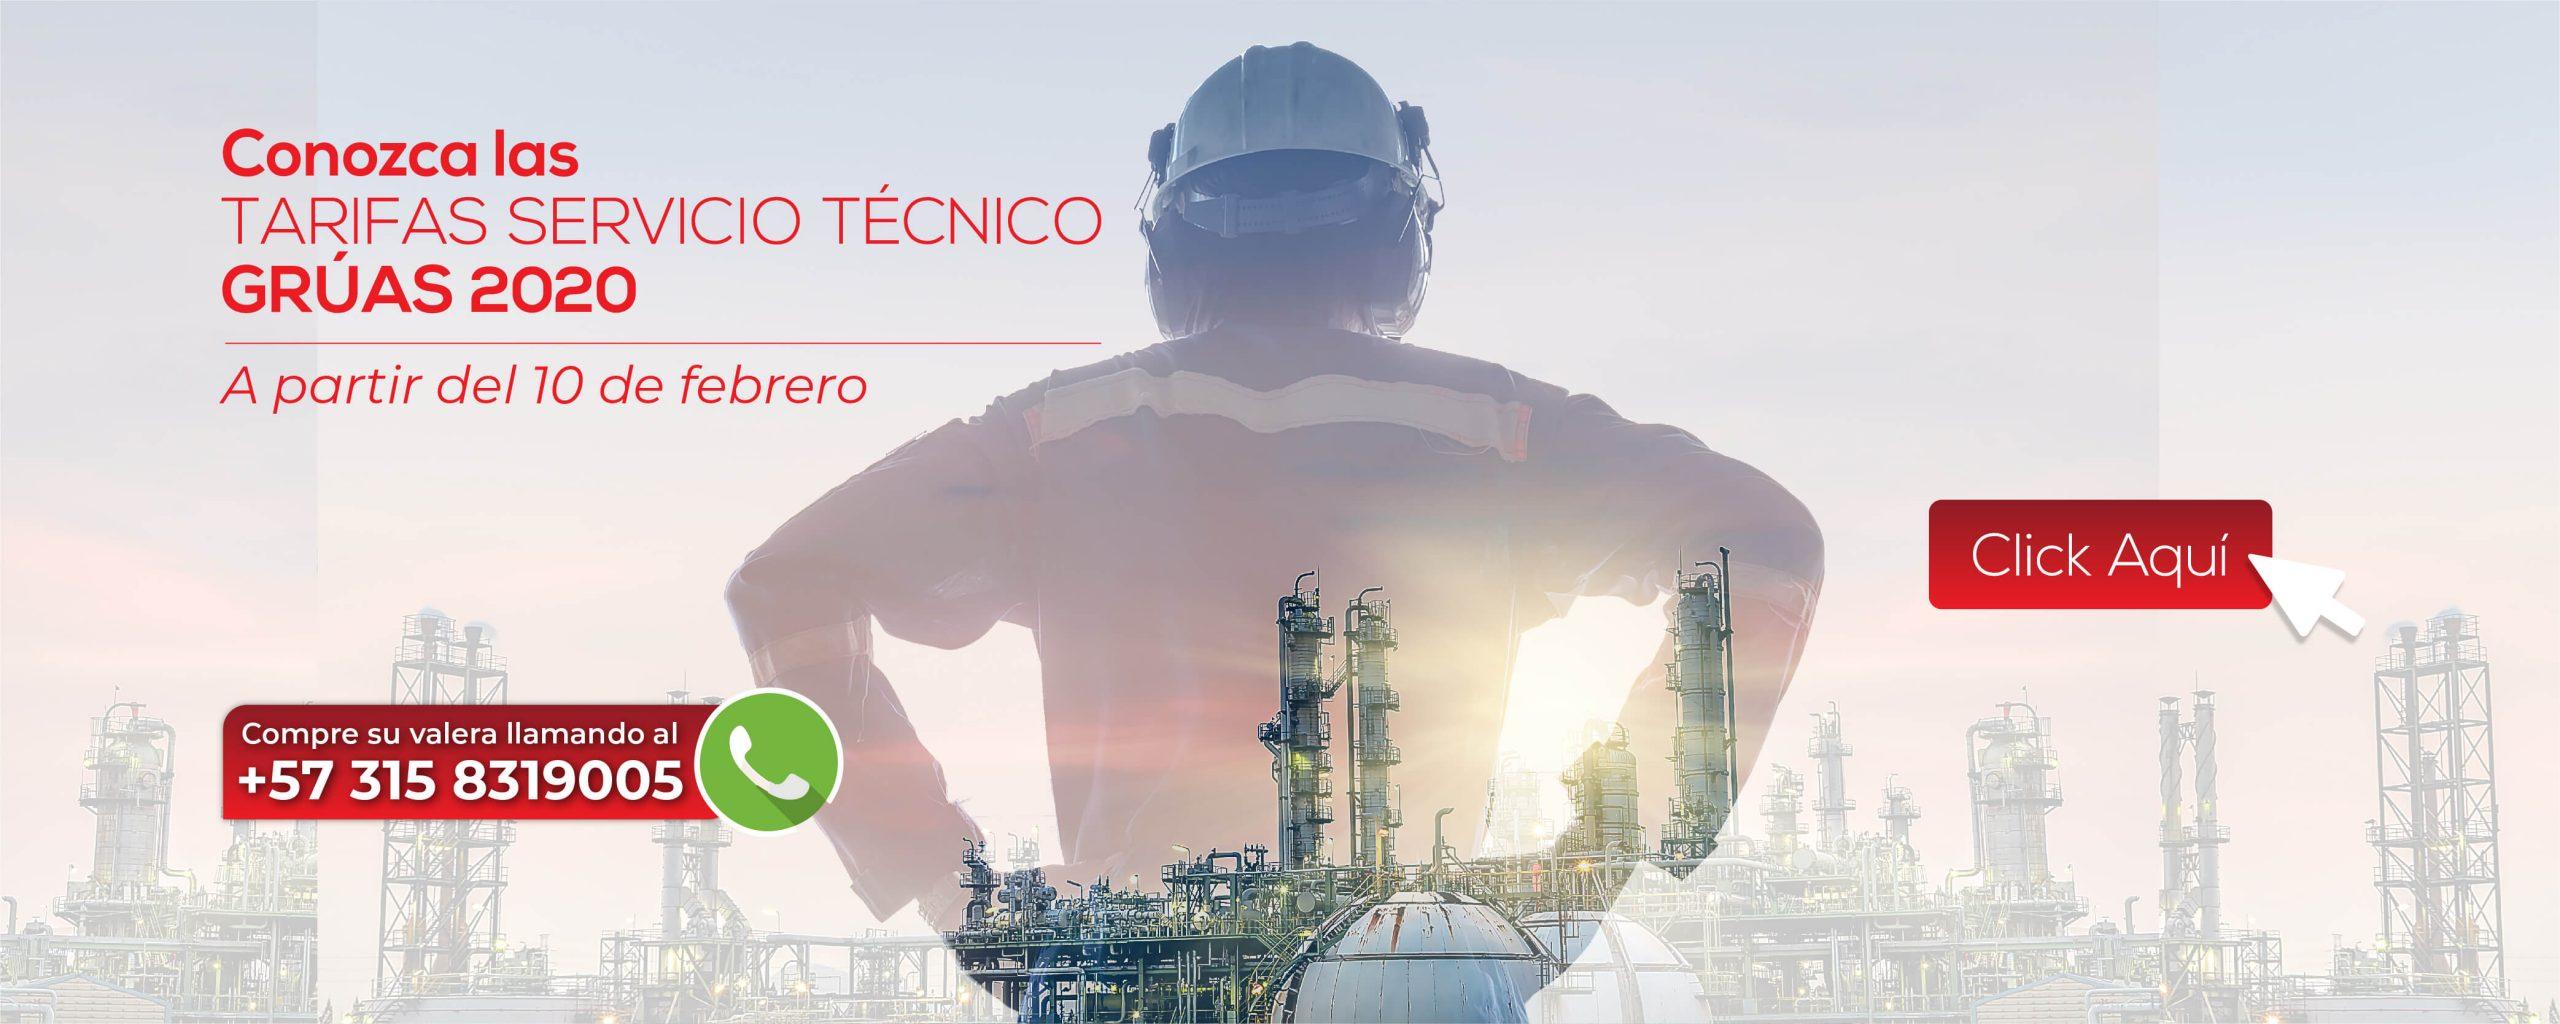 tarifas servicio tecnico gruas 2020